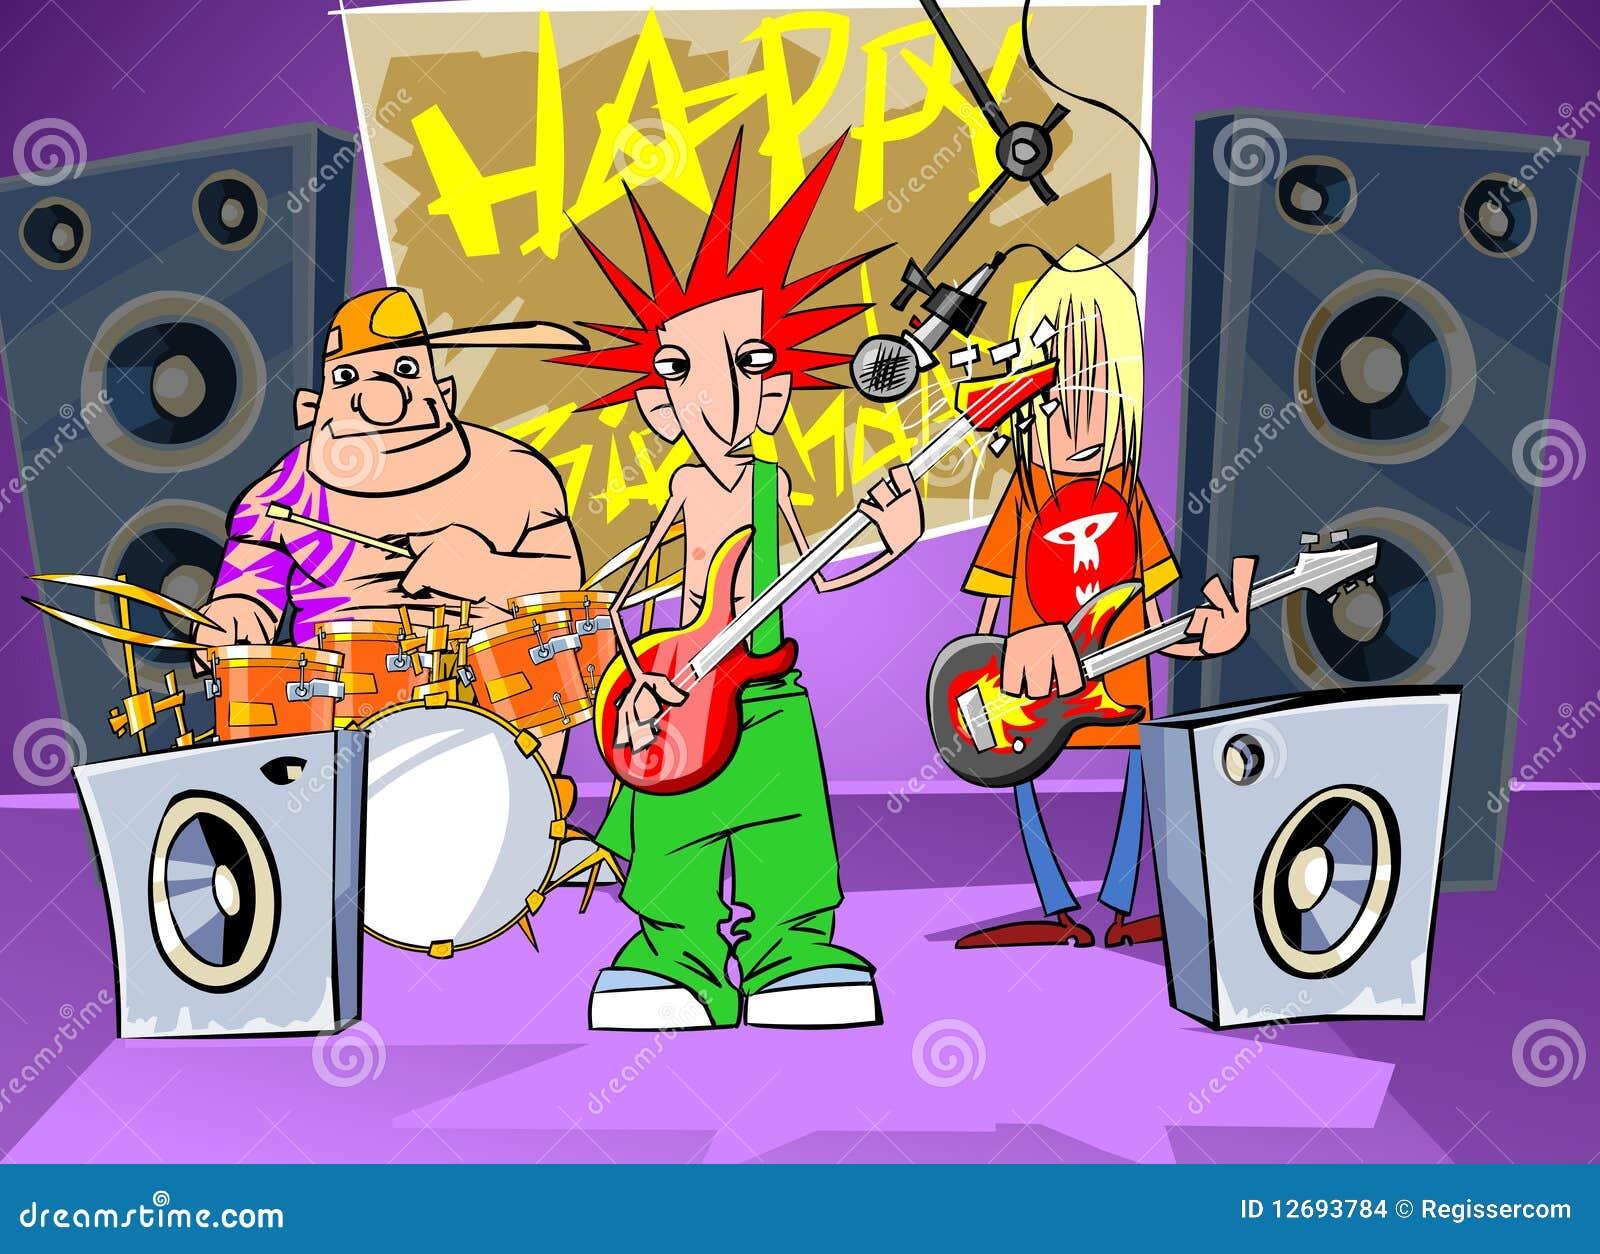 Le Groupe De Rock Dit Le Joyeux Anniversaire Illustration Stock